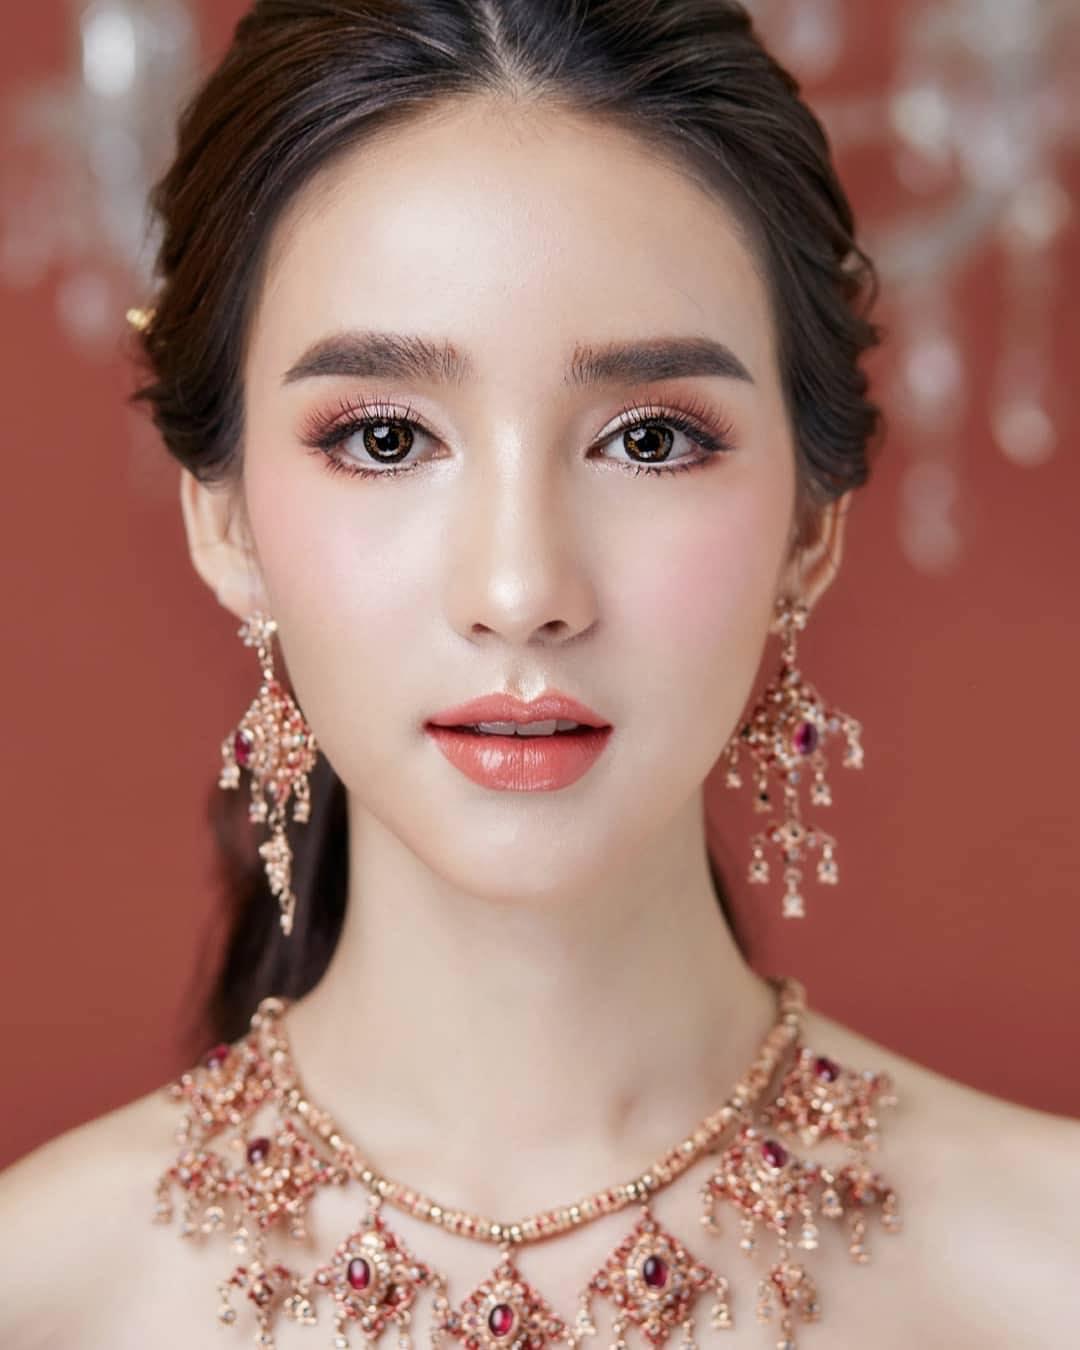 mỹ nhân chuyển giới - yoshi xinh đẹp không tì vết